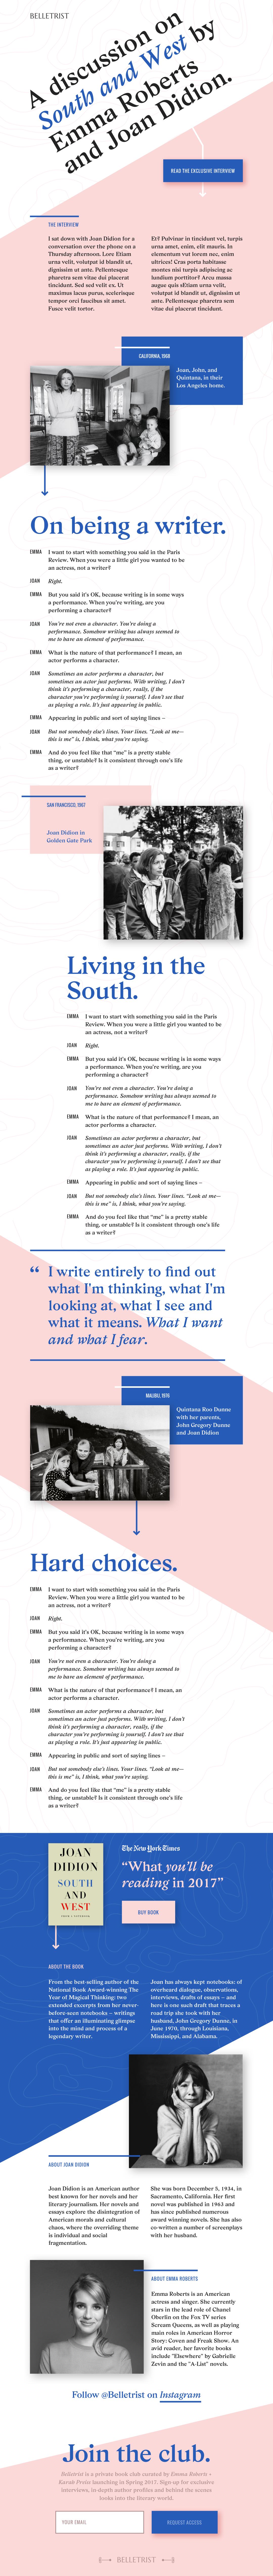 Book Launch Website Example #1